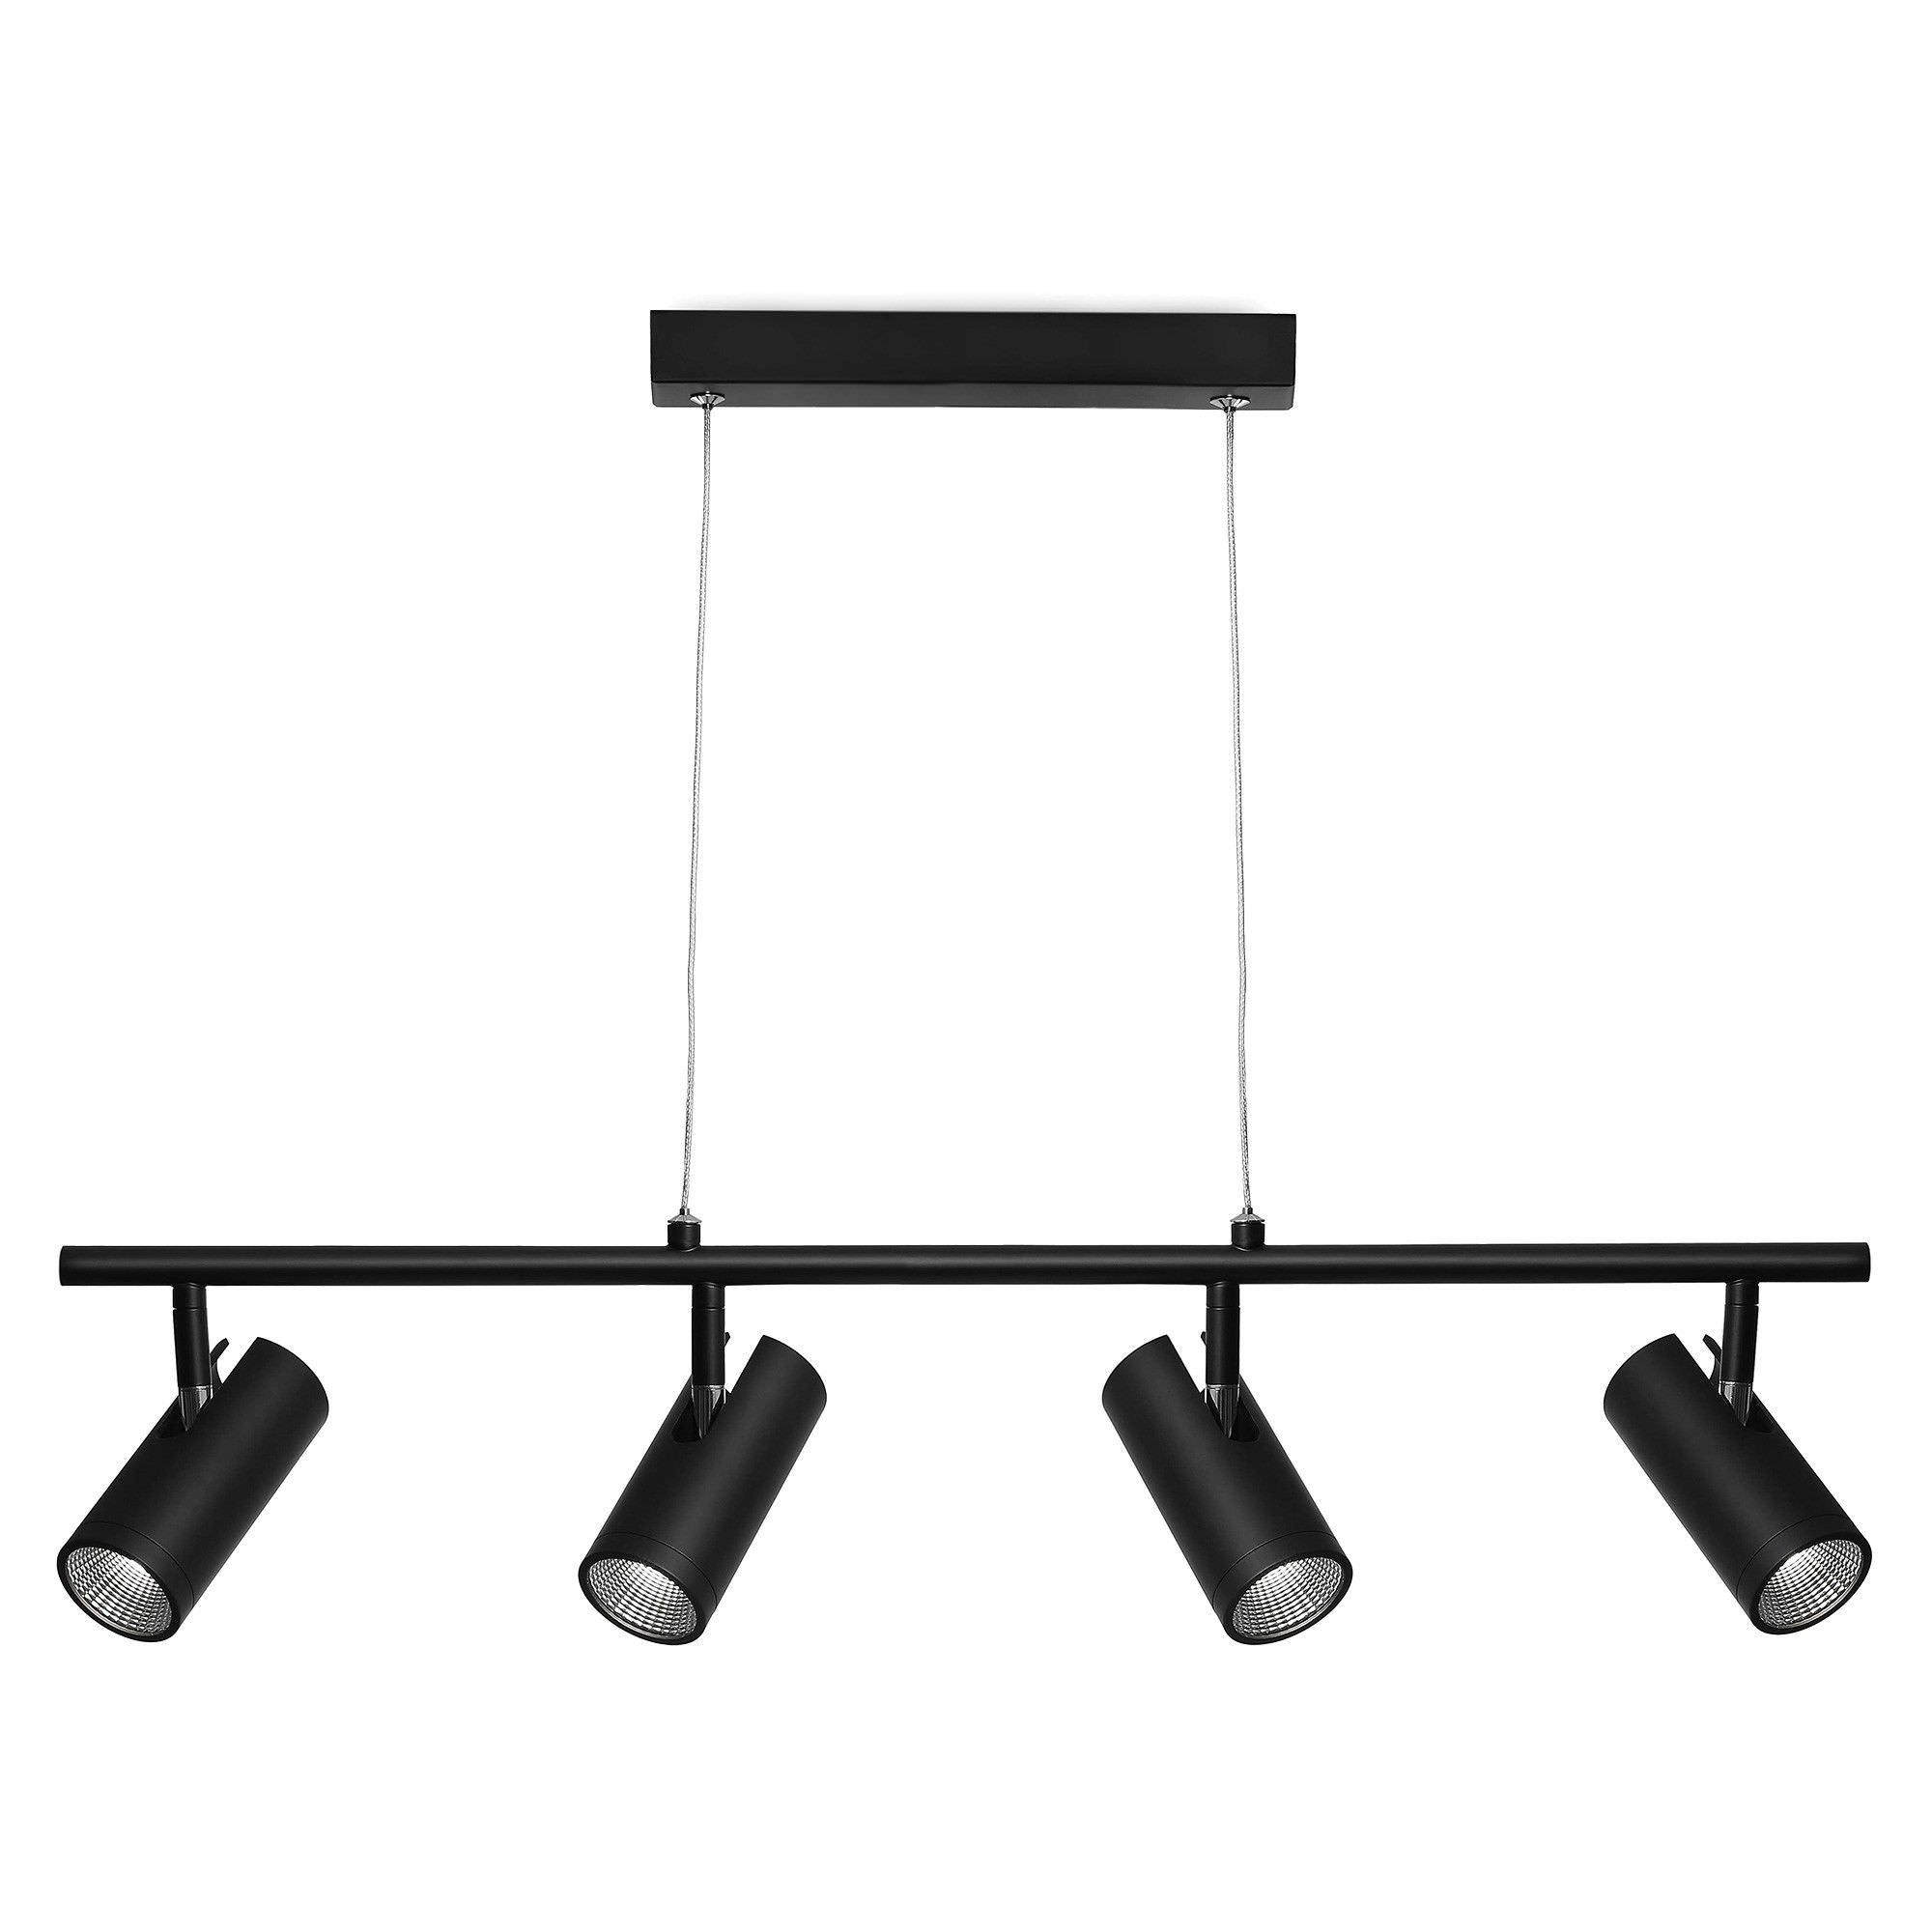 Urban Metal LED Pendant Light, 4 Light, Black